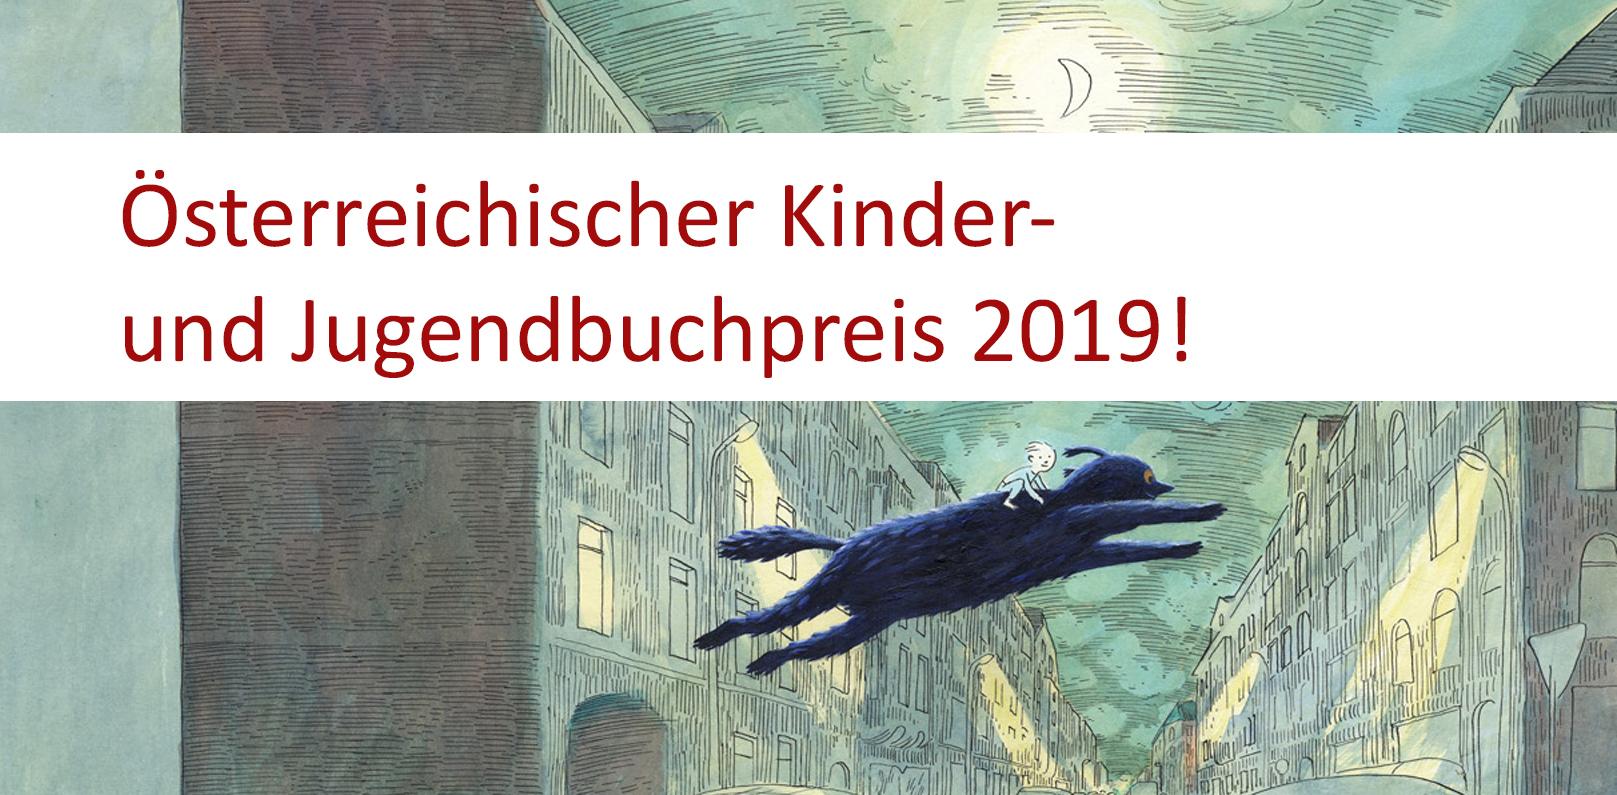 Österreichischer Kinder- und Jugendbuchpreis